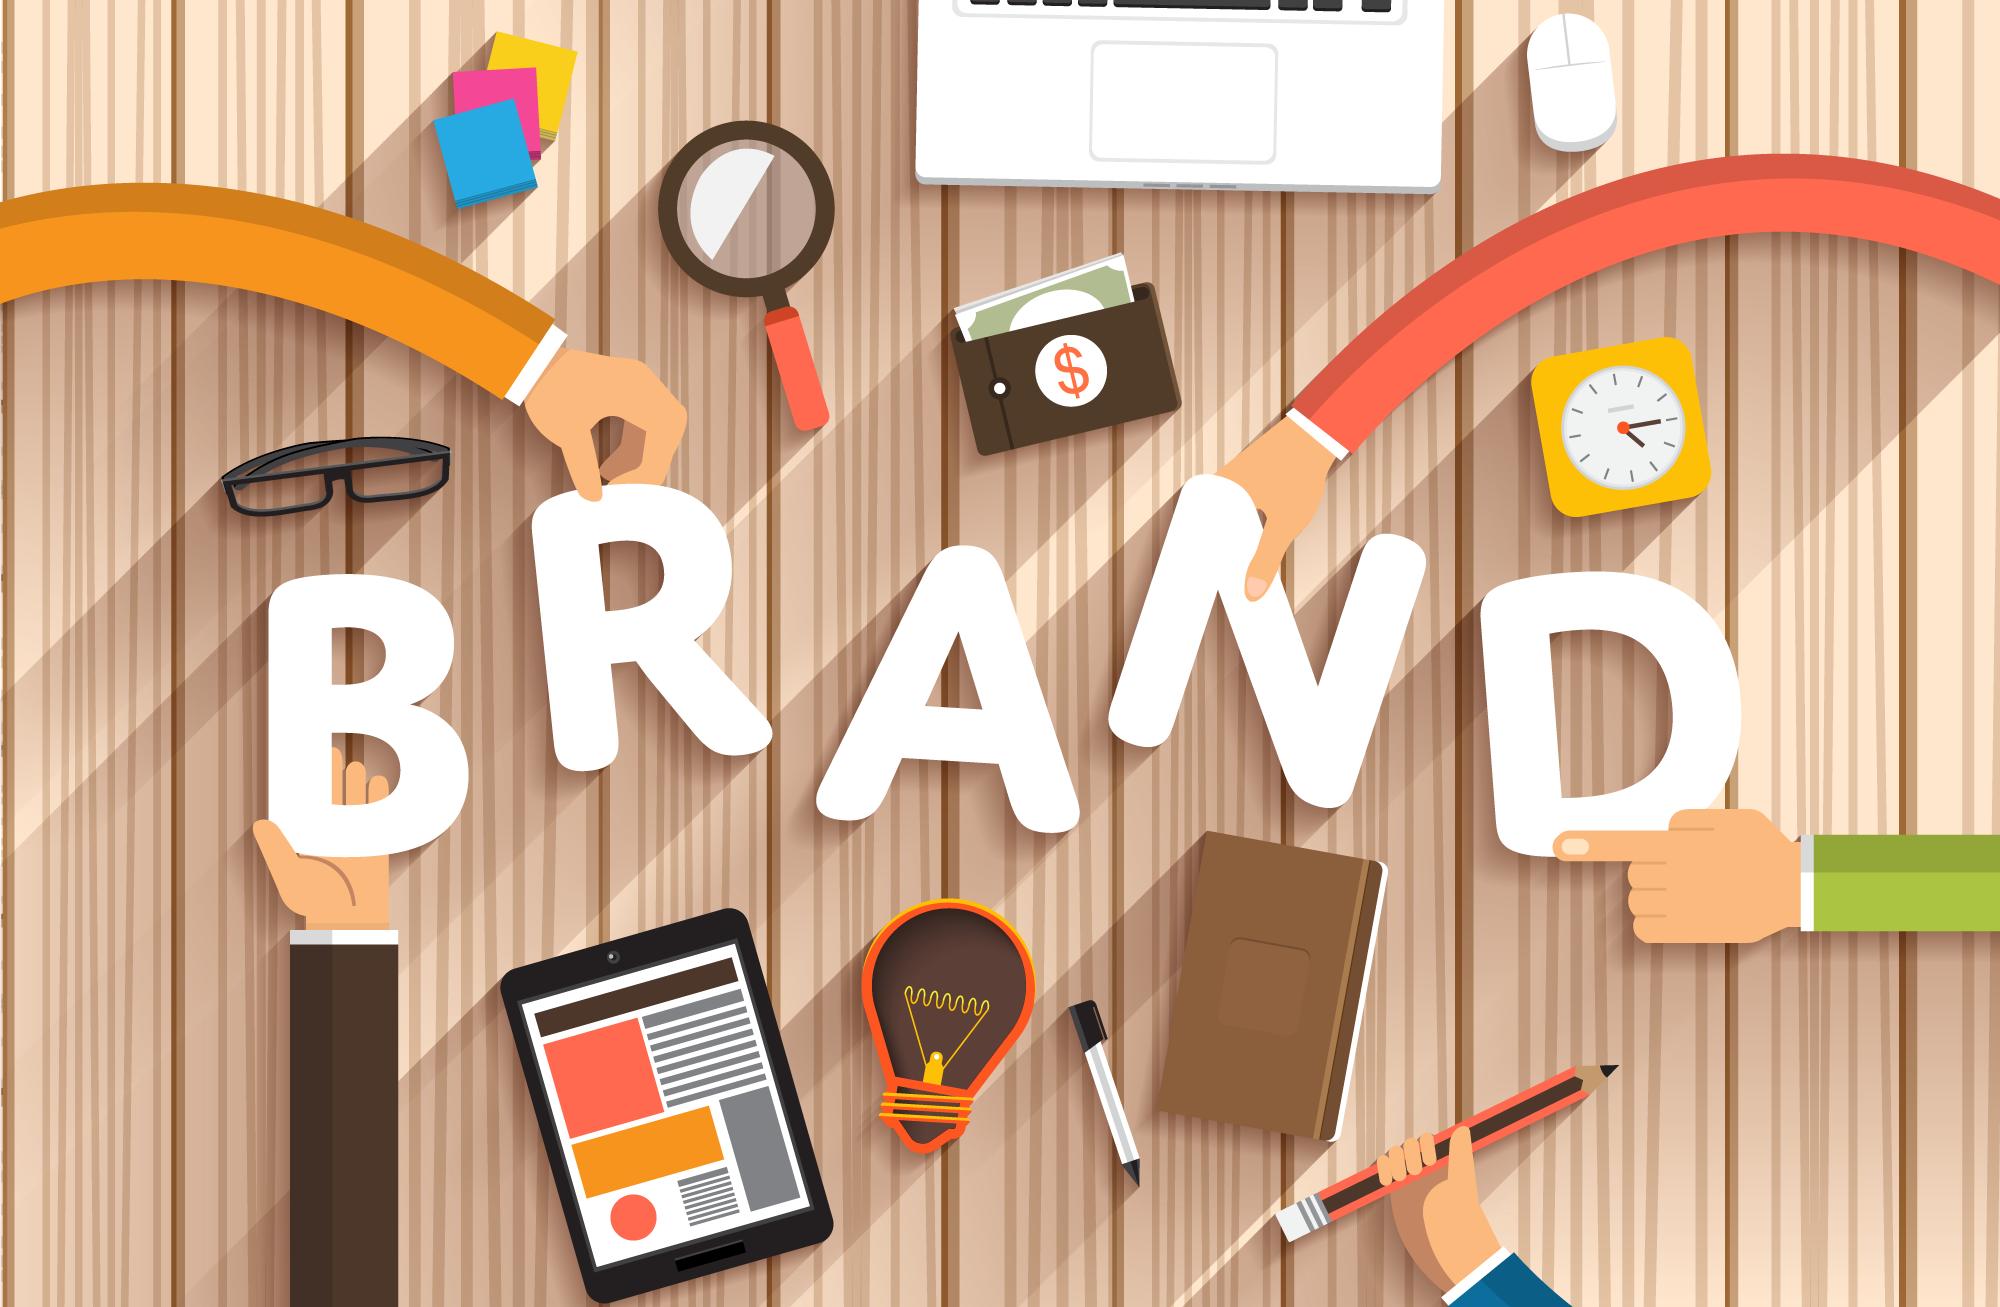 ¿Cómo crear tu marca personal? Pon en práctica estos tips de branding - Featured Image